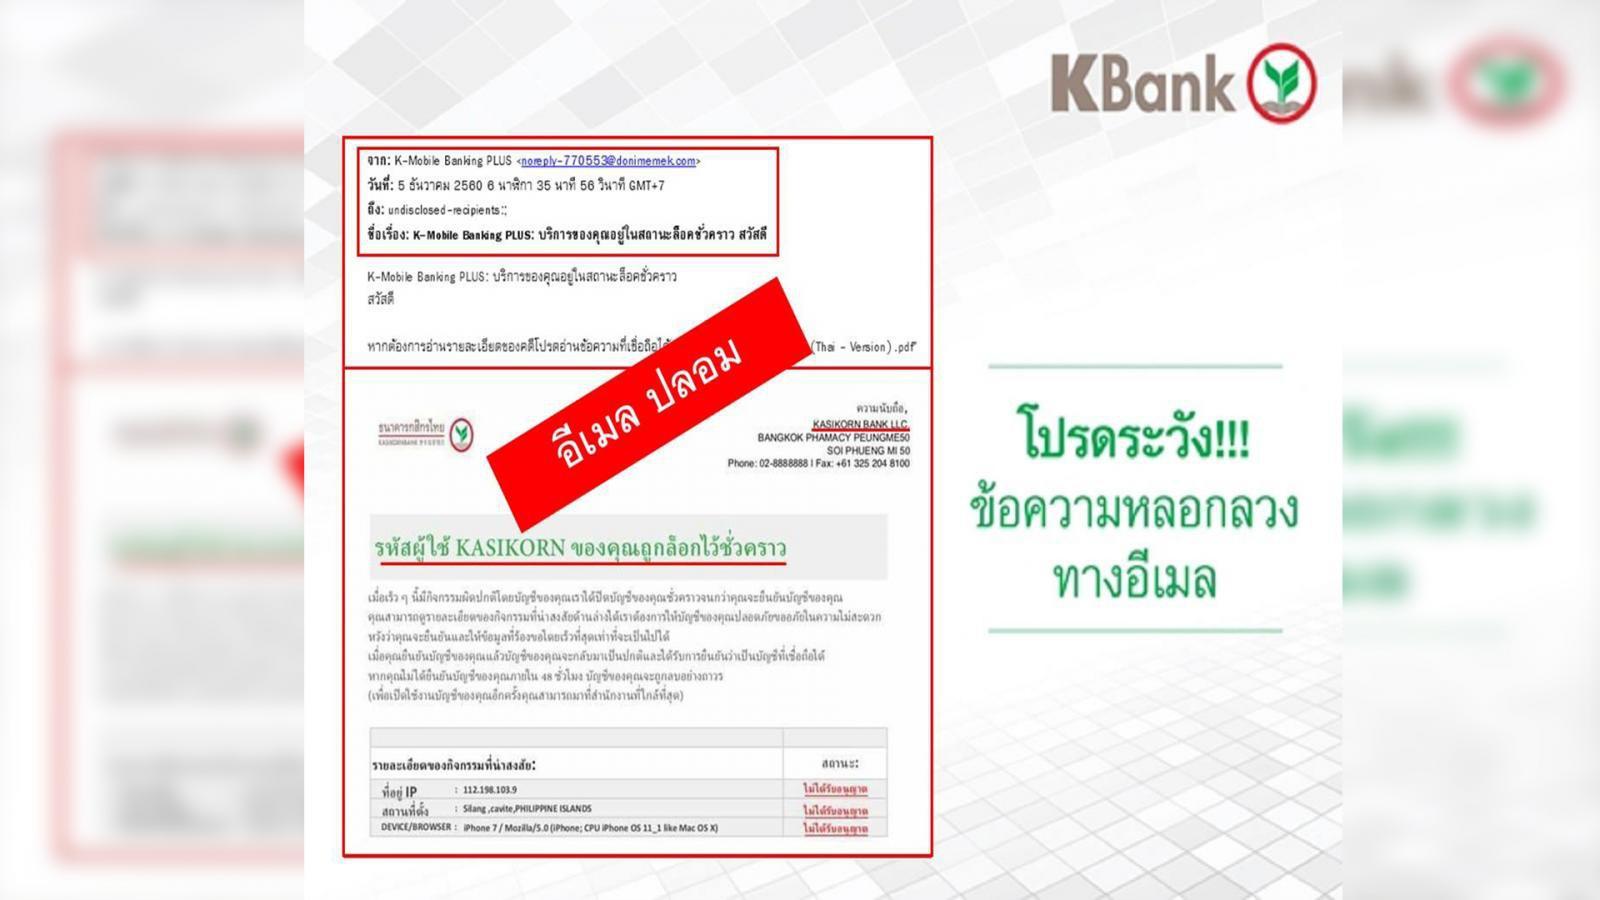 """""""กสิกรไทย"""" เตือนระวังอย่าหลงเชื่อ """"อีเมลปลอม"""" เลียนแบบธนาคาร"""